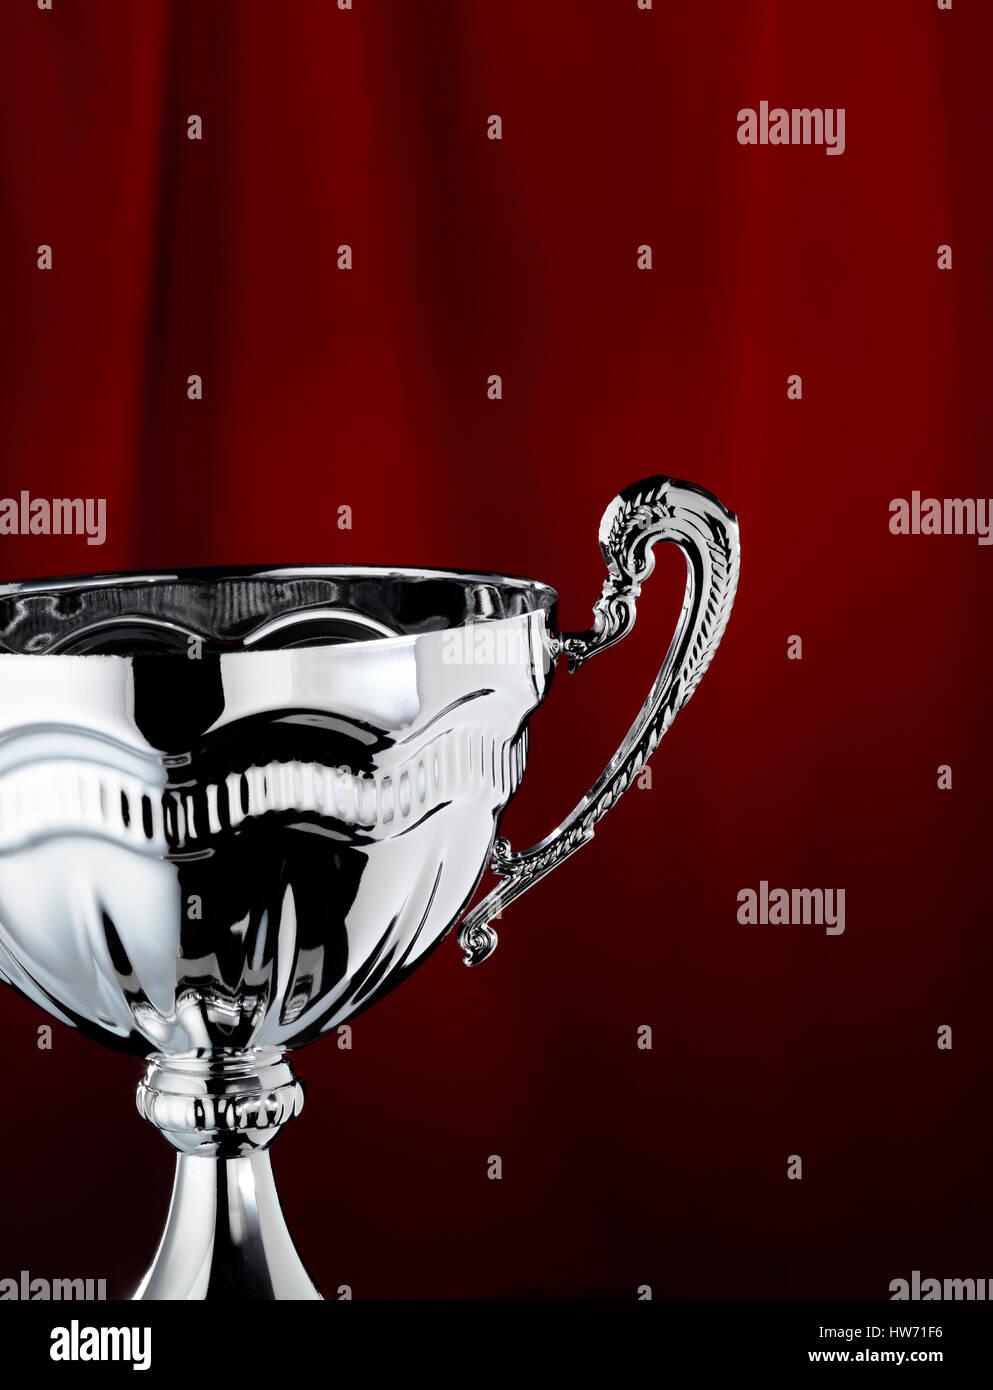 Trophée avec un rideau rouge contexte Photo Stock